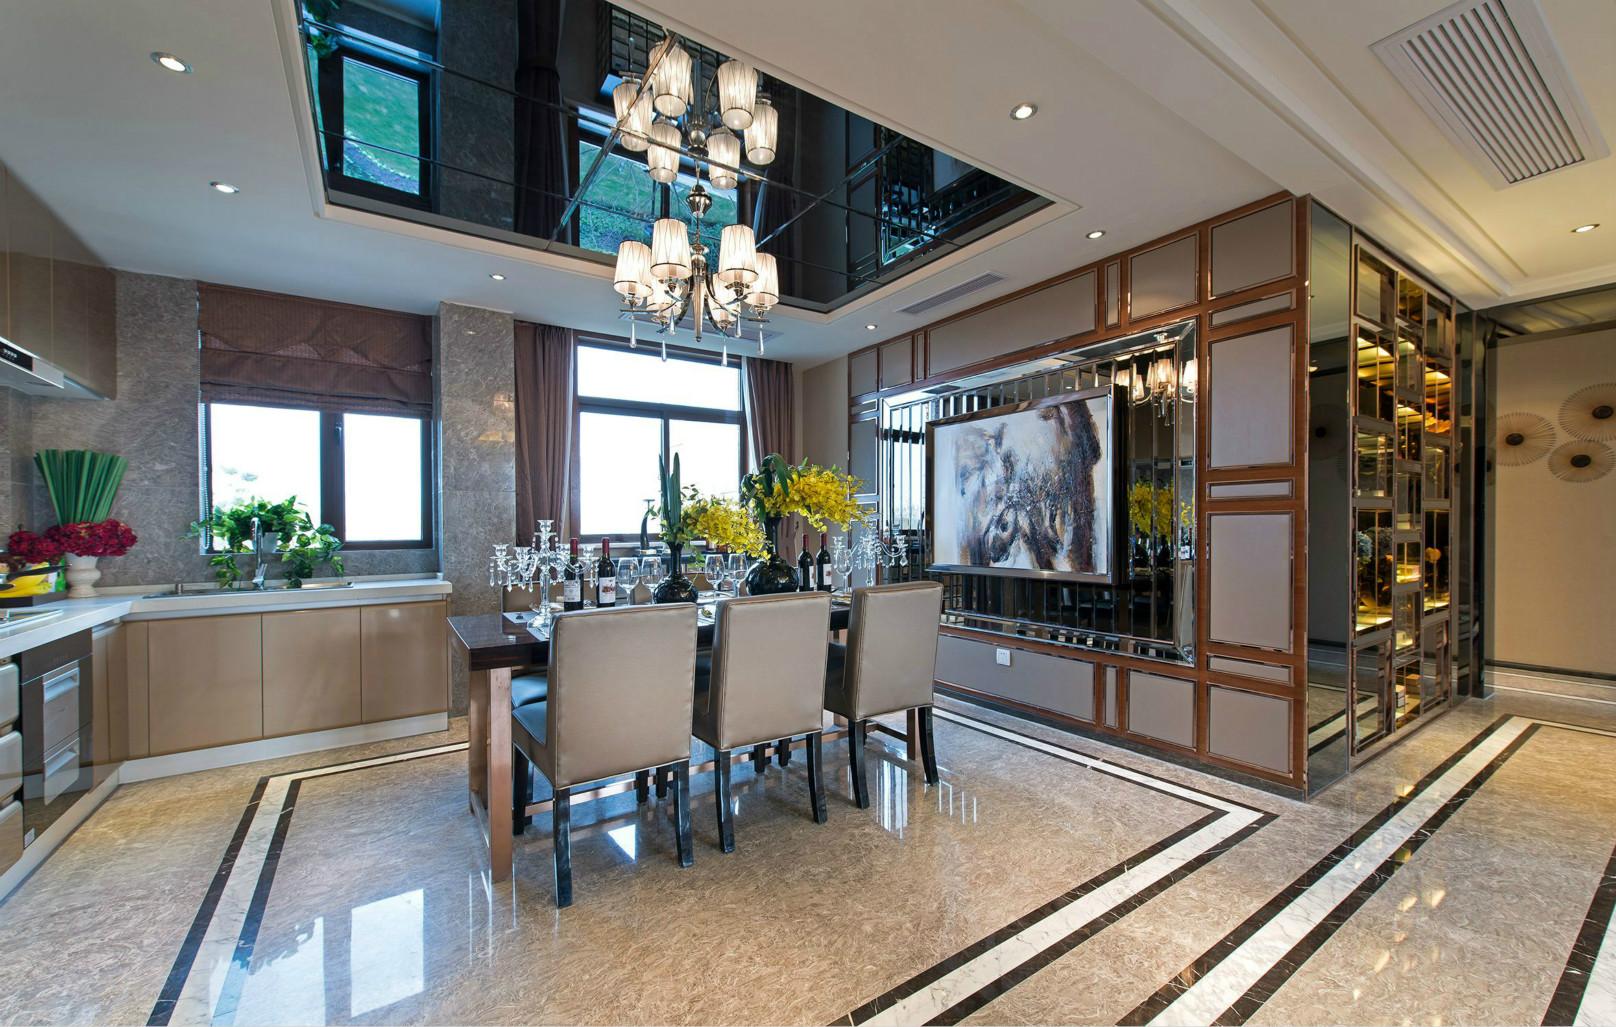 多功能的吧台区隔餐厨位置,让未来入住的女主人在整个下厨、备餐、上桌的动线一气呵成。